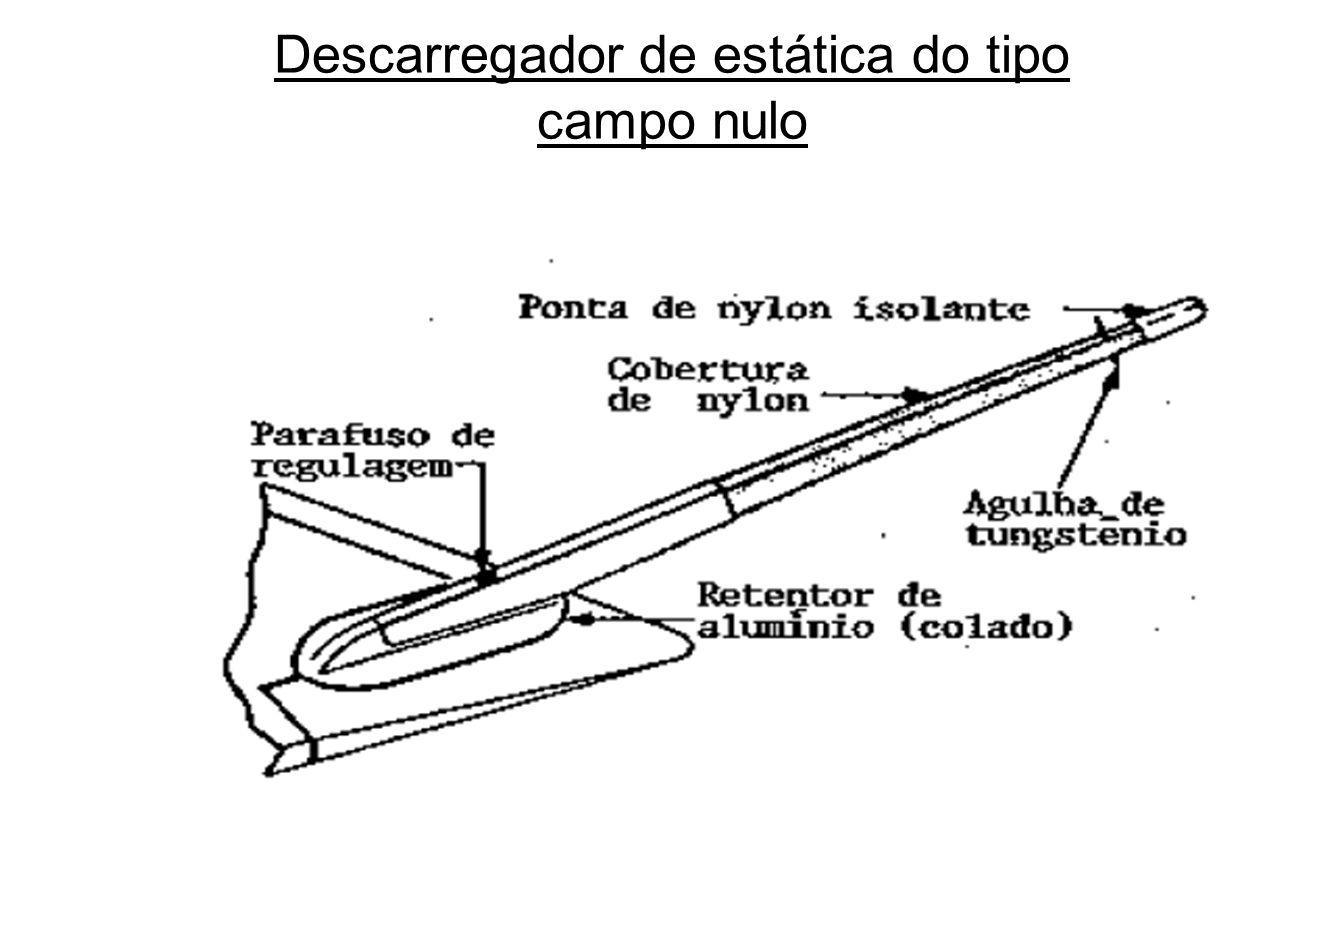 Descarregador de estática do tipo campo nulo